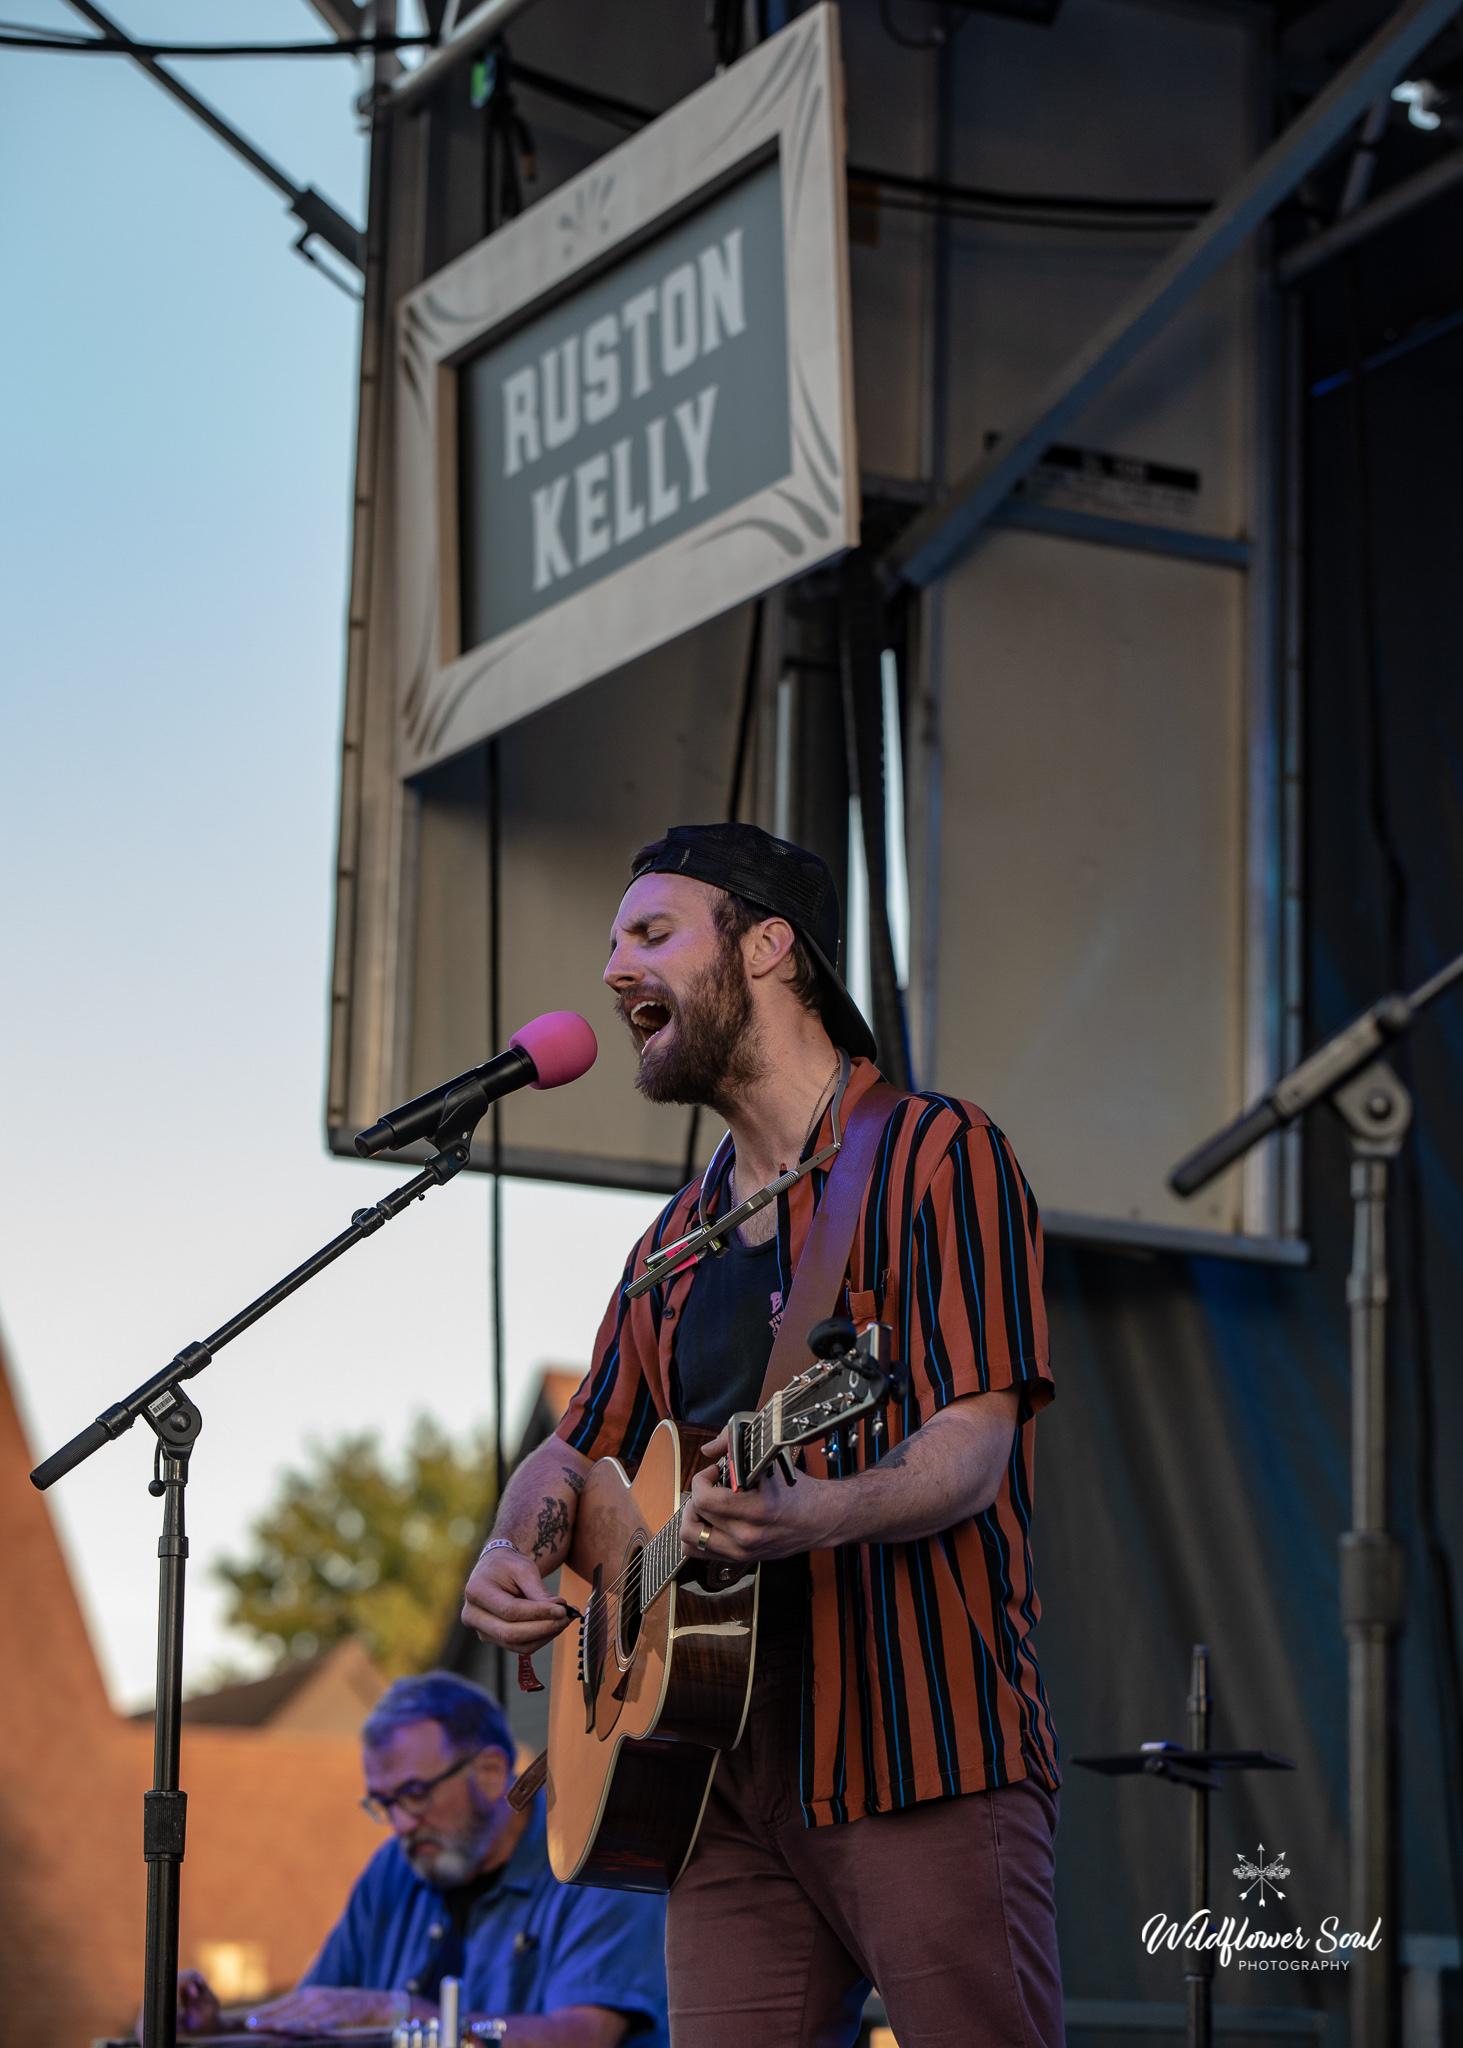 Ruston Kelly